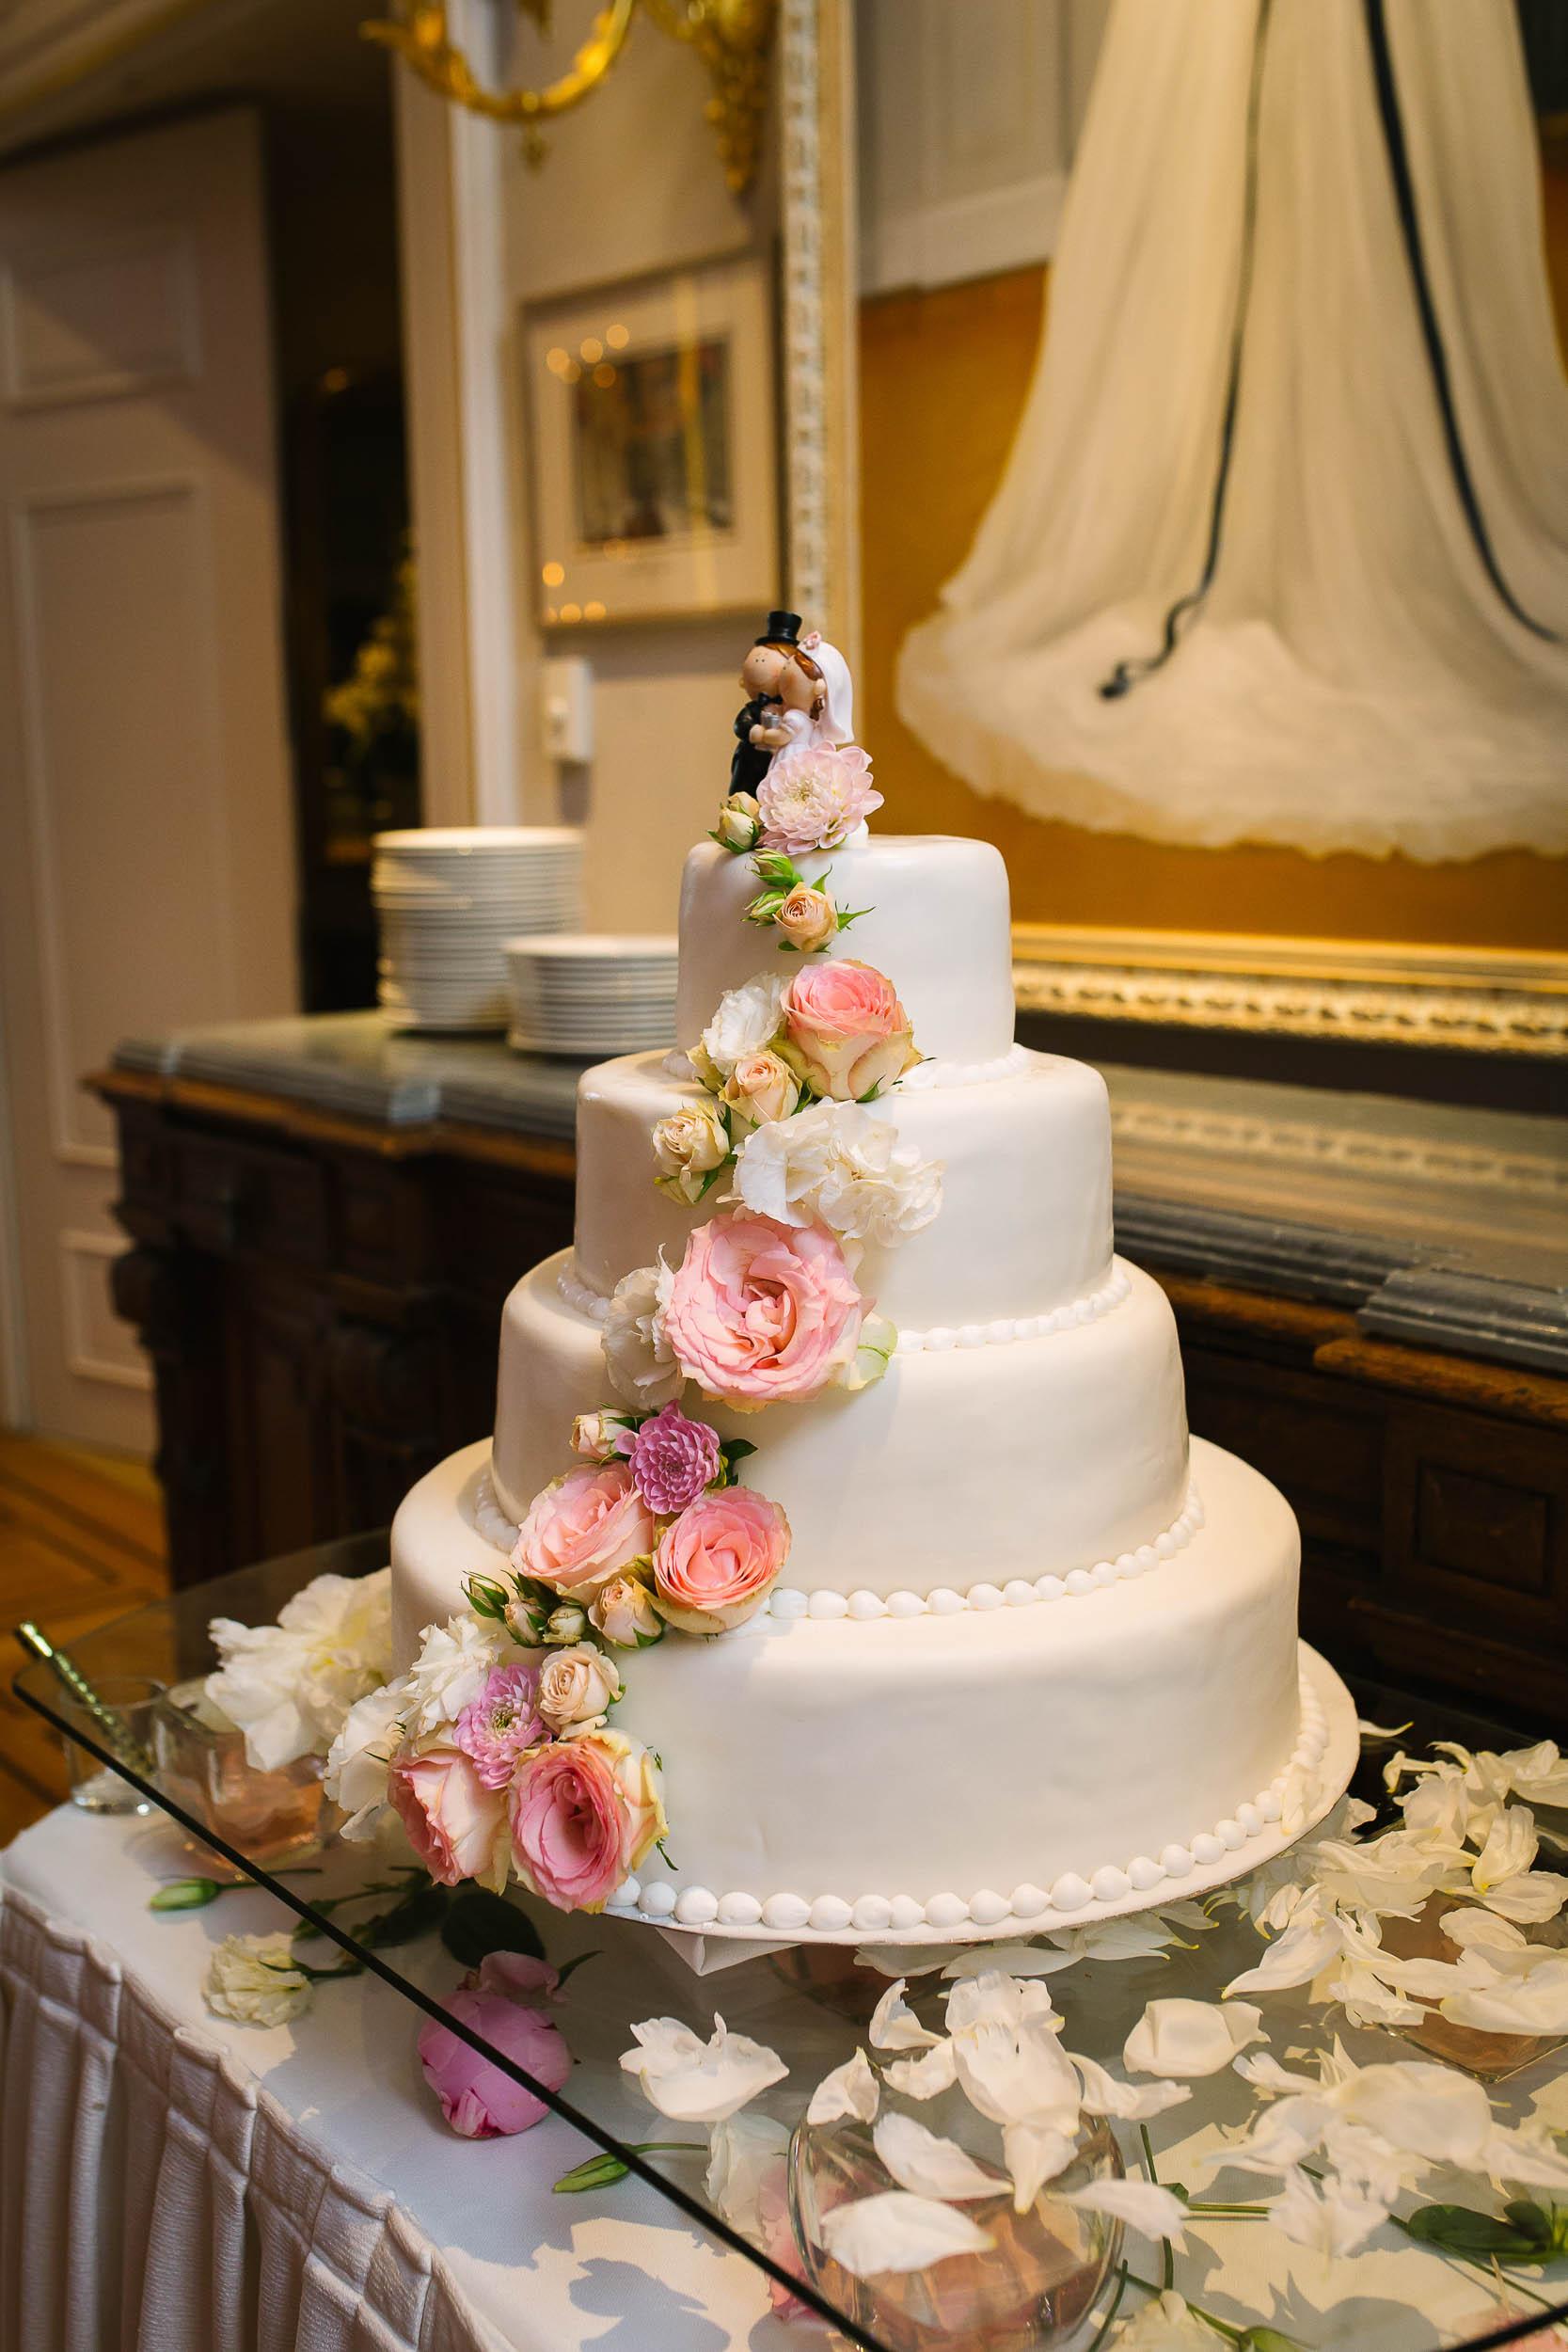 631-Melanie-Aurelien-Wedding-9866-col.jpg